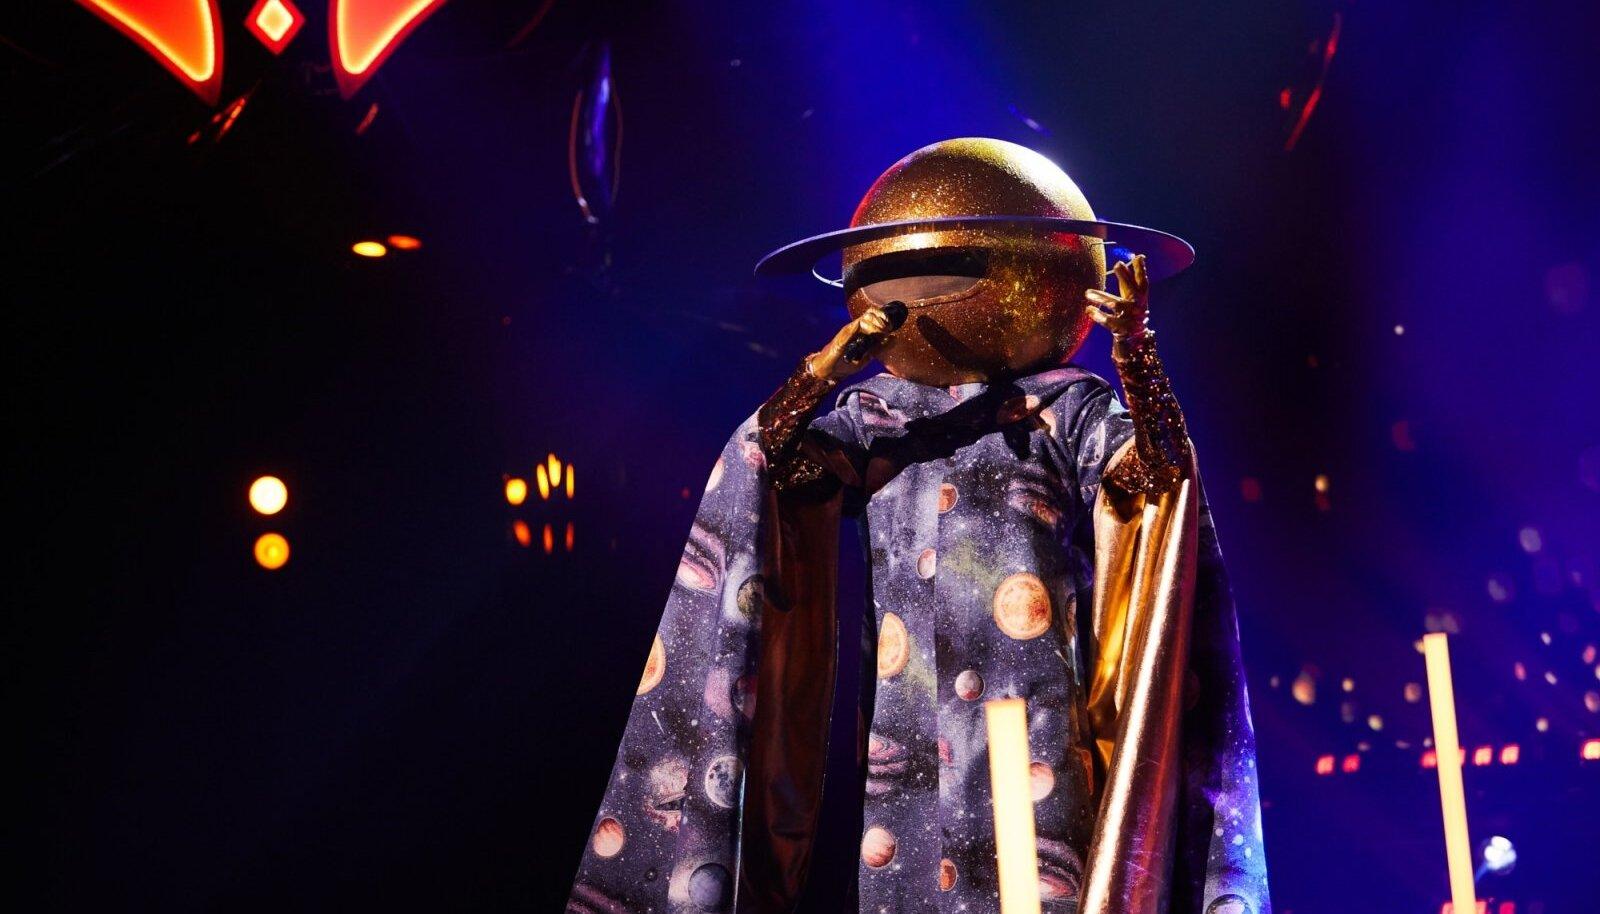 Maskis laulja 4. saade